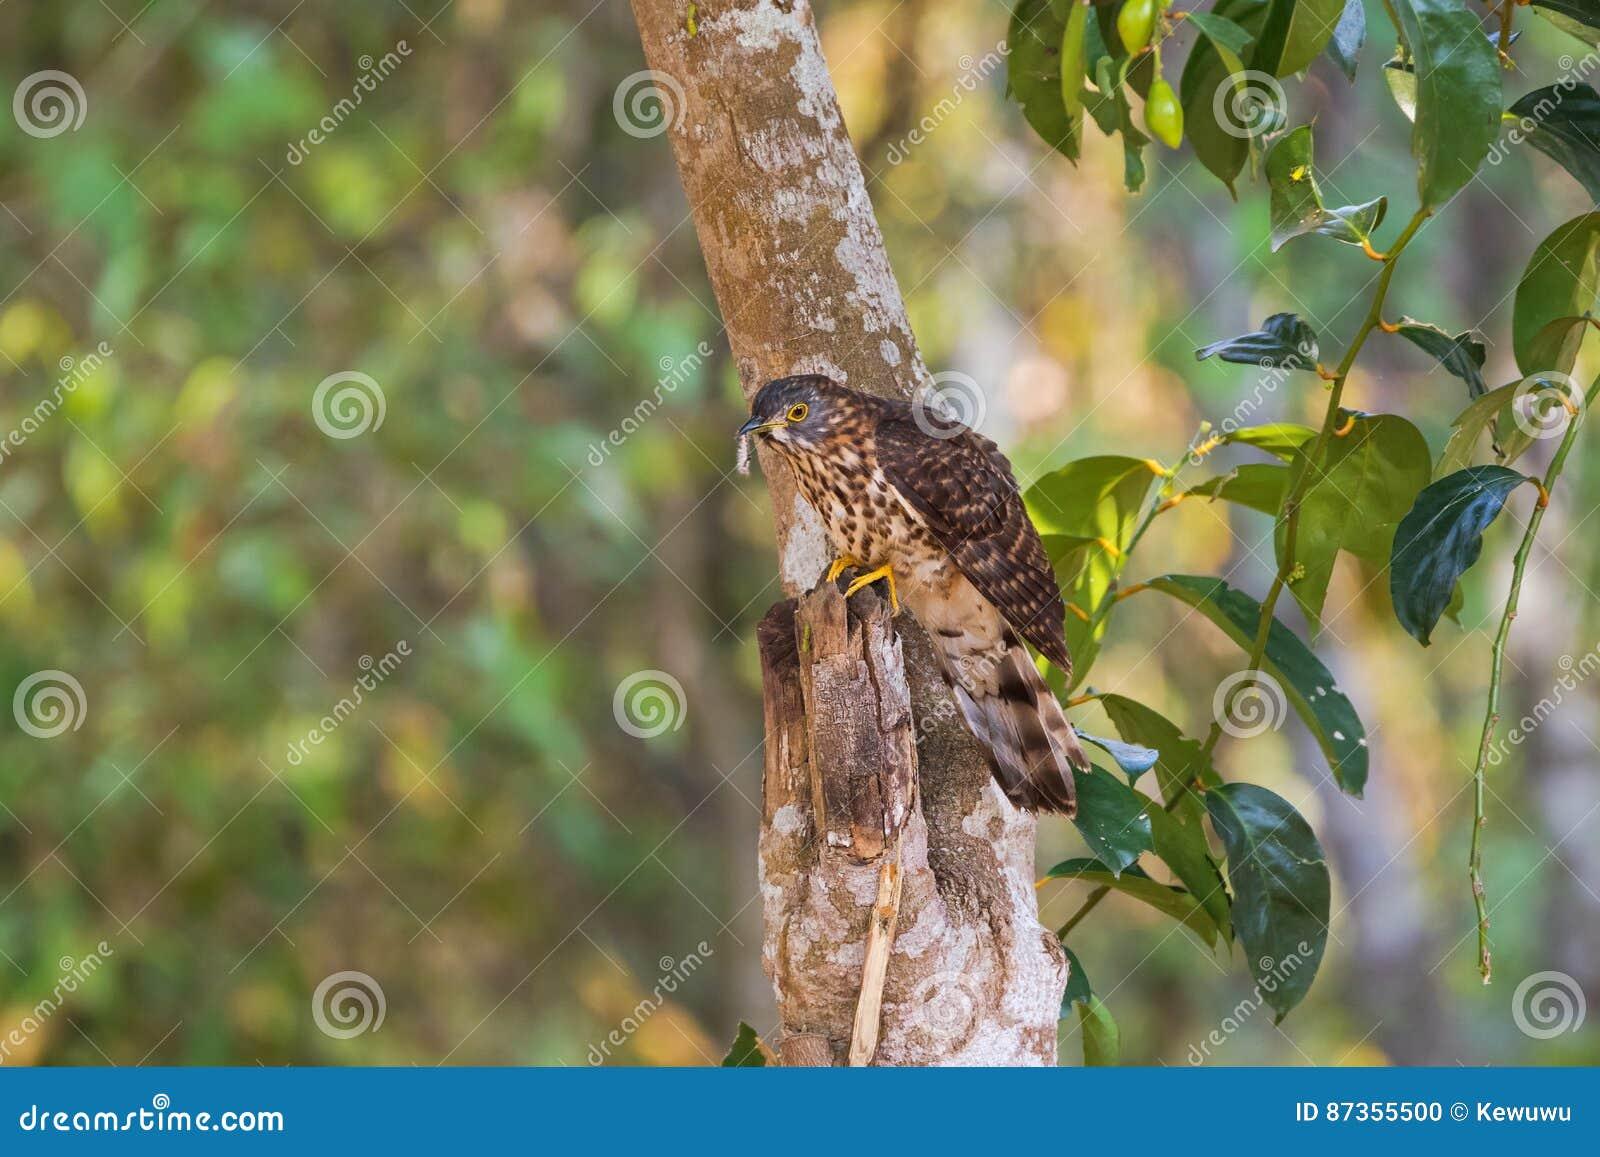 μεγάλο τριχωτό πουλί φωτογραφίες μεγάλη έβενο πίπα